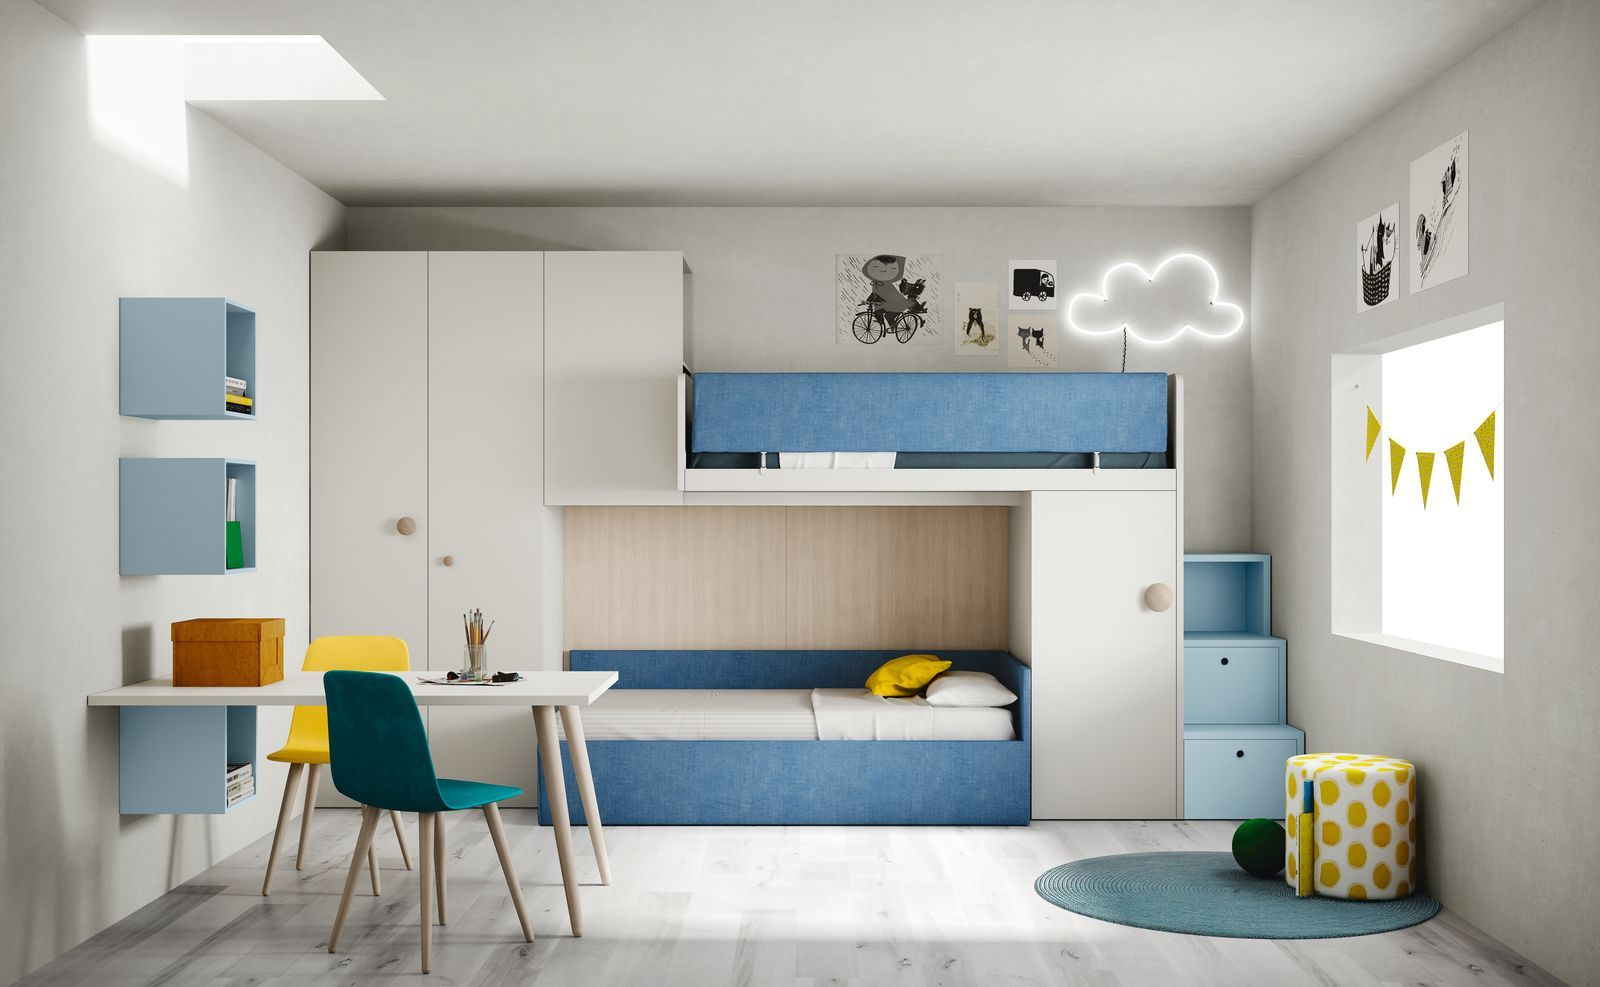 Cameretta moderna design componibile su misura per bambini for Letti a castello per 3 bambini